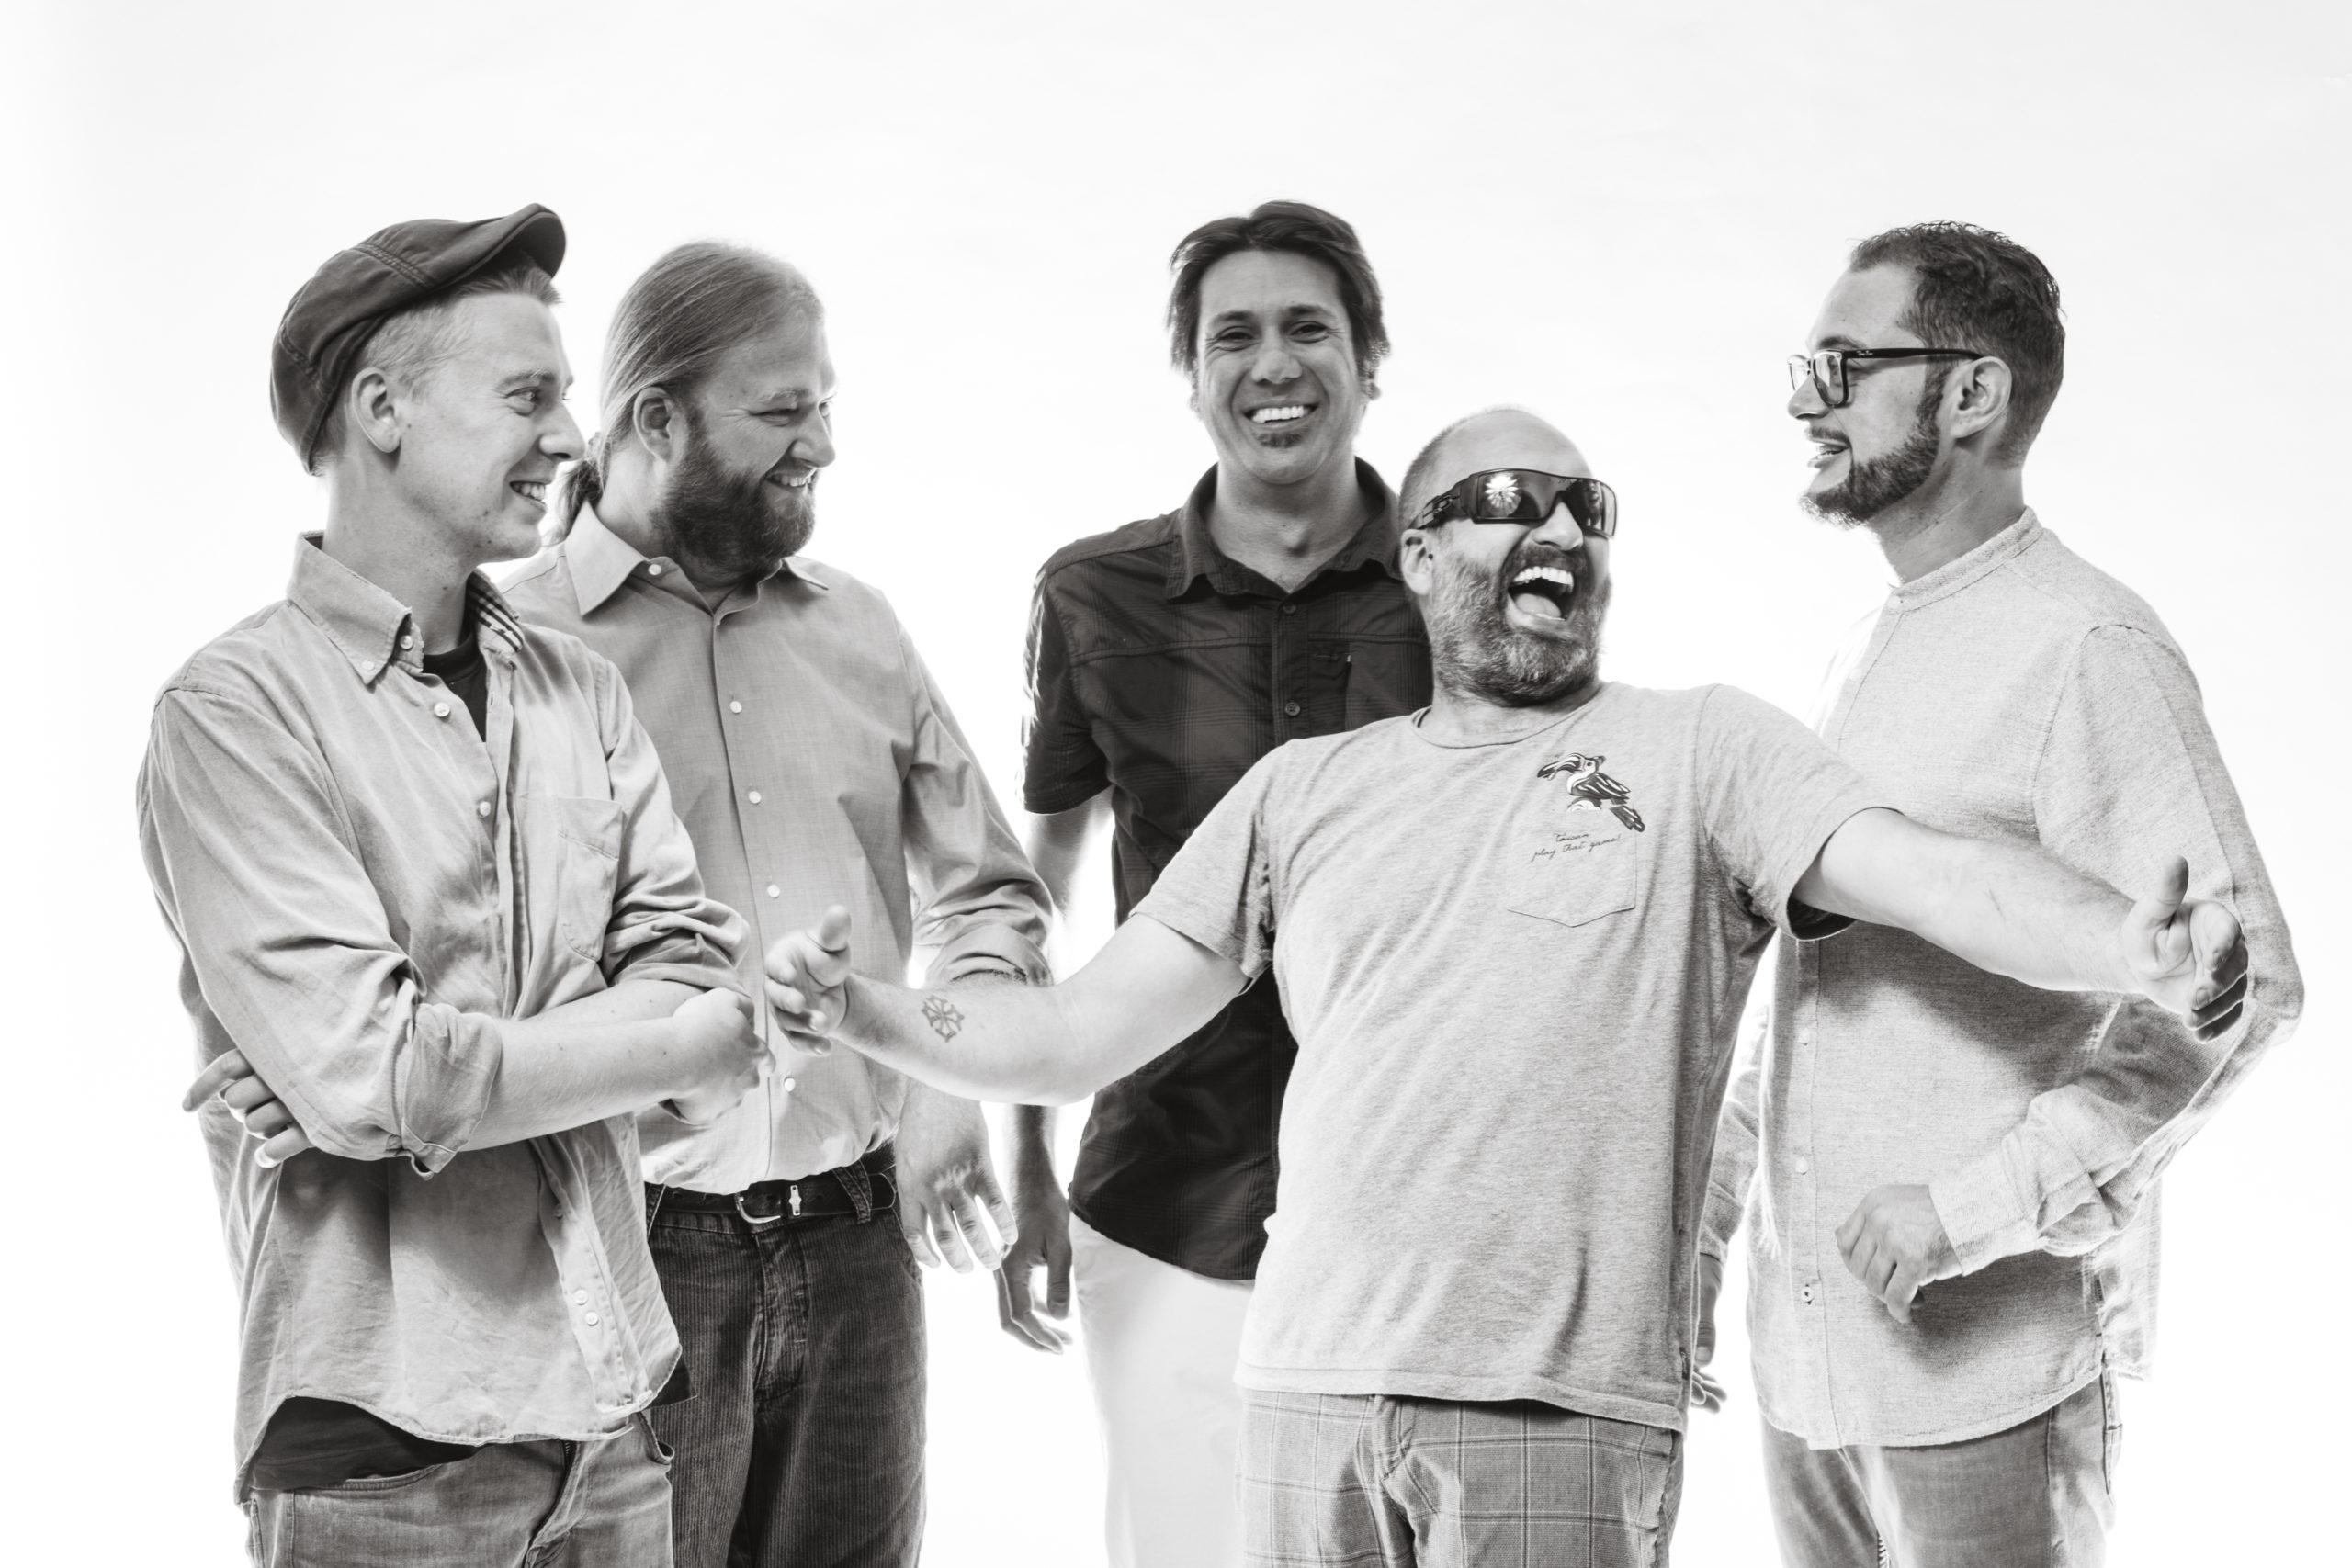 """Lou Seriol: in concerto per """"Occit'amo"""" festival venerdì 9 luglio a Gaiola: foto in bianconero di cinque uomini che ridono"""